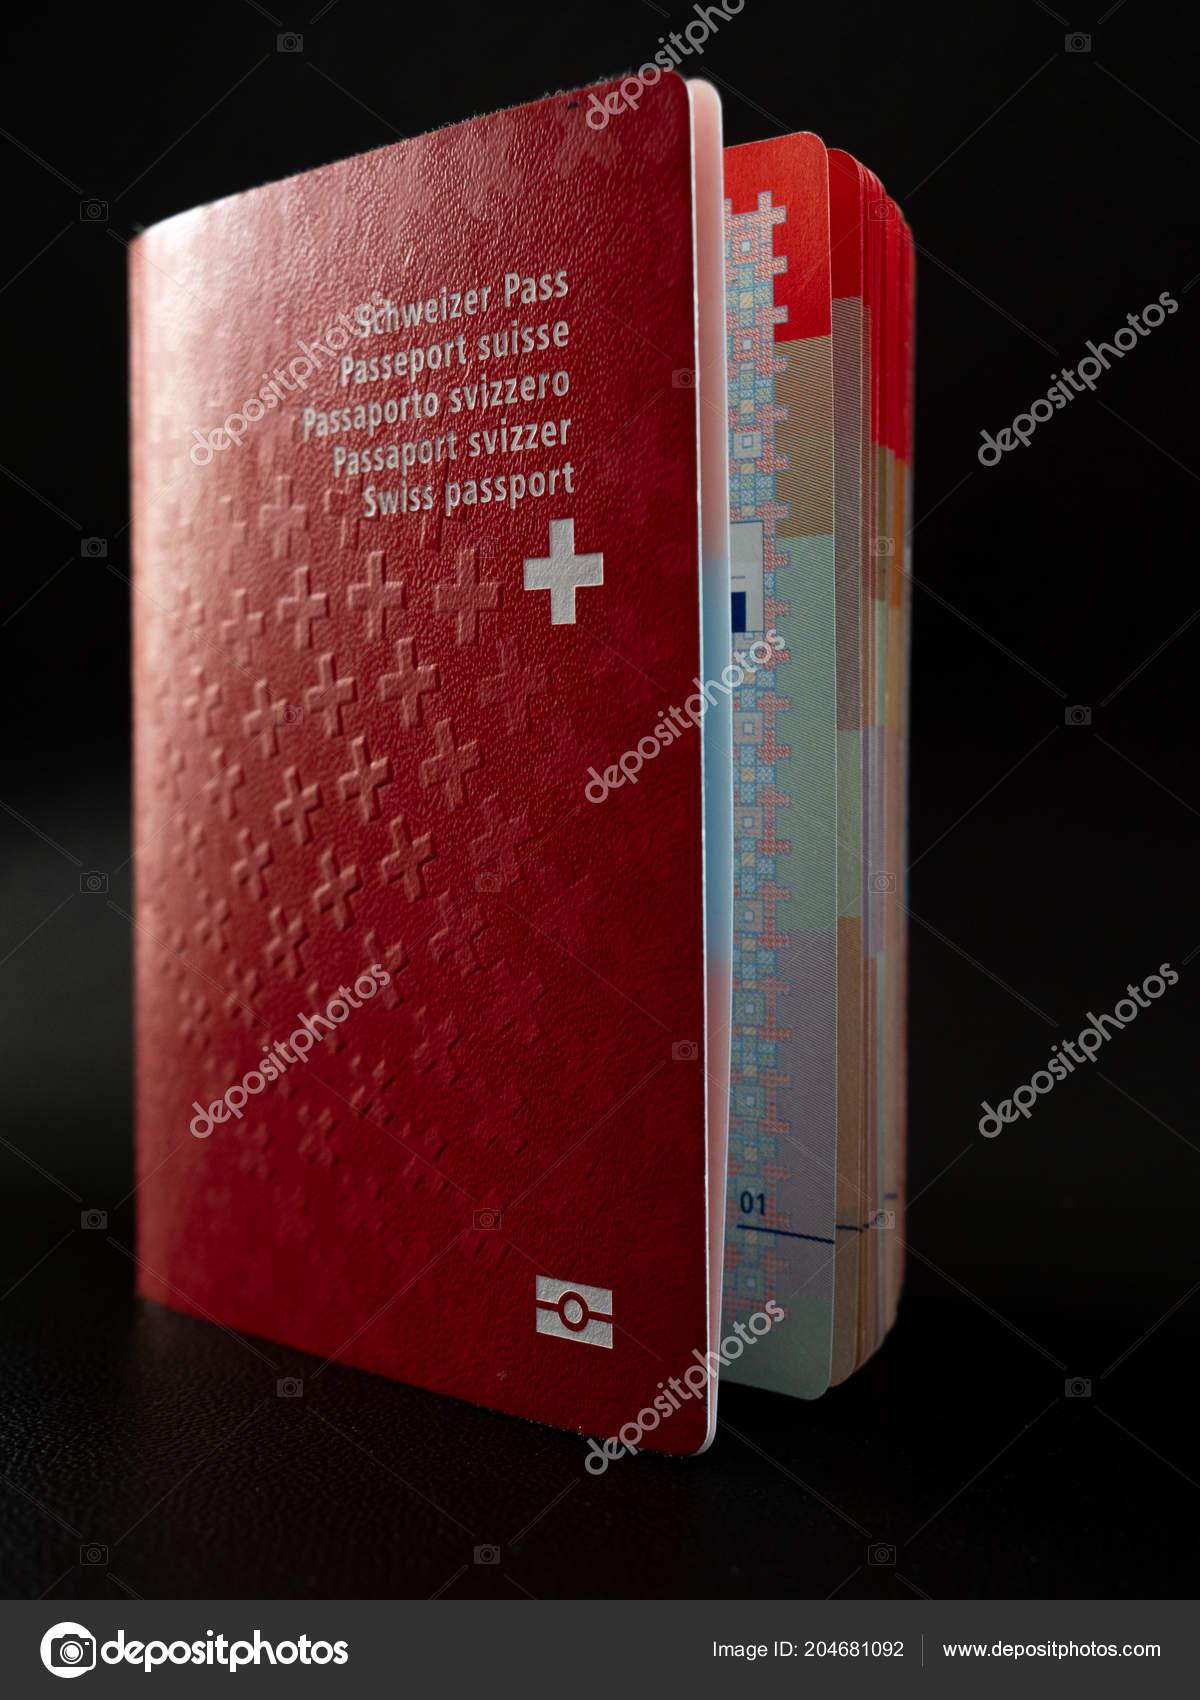 Switzerland: how to obtain citizenship